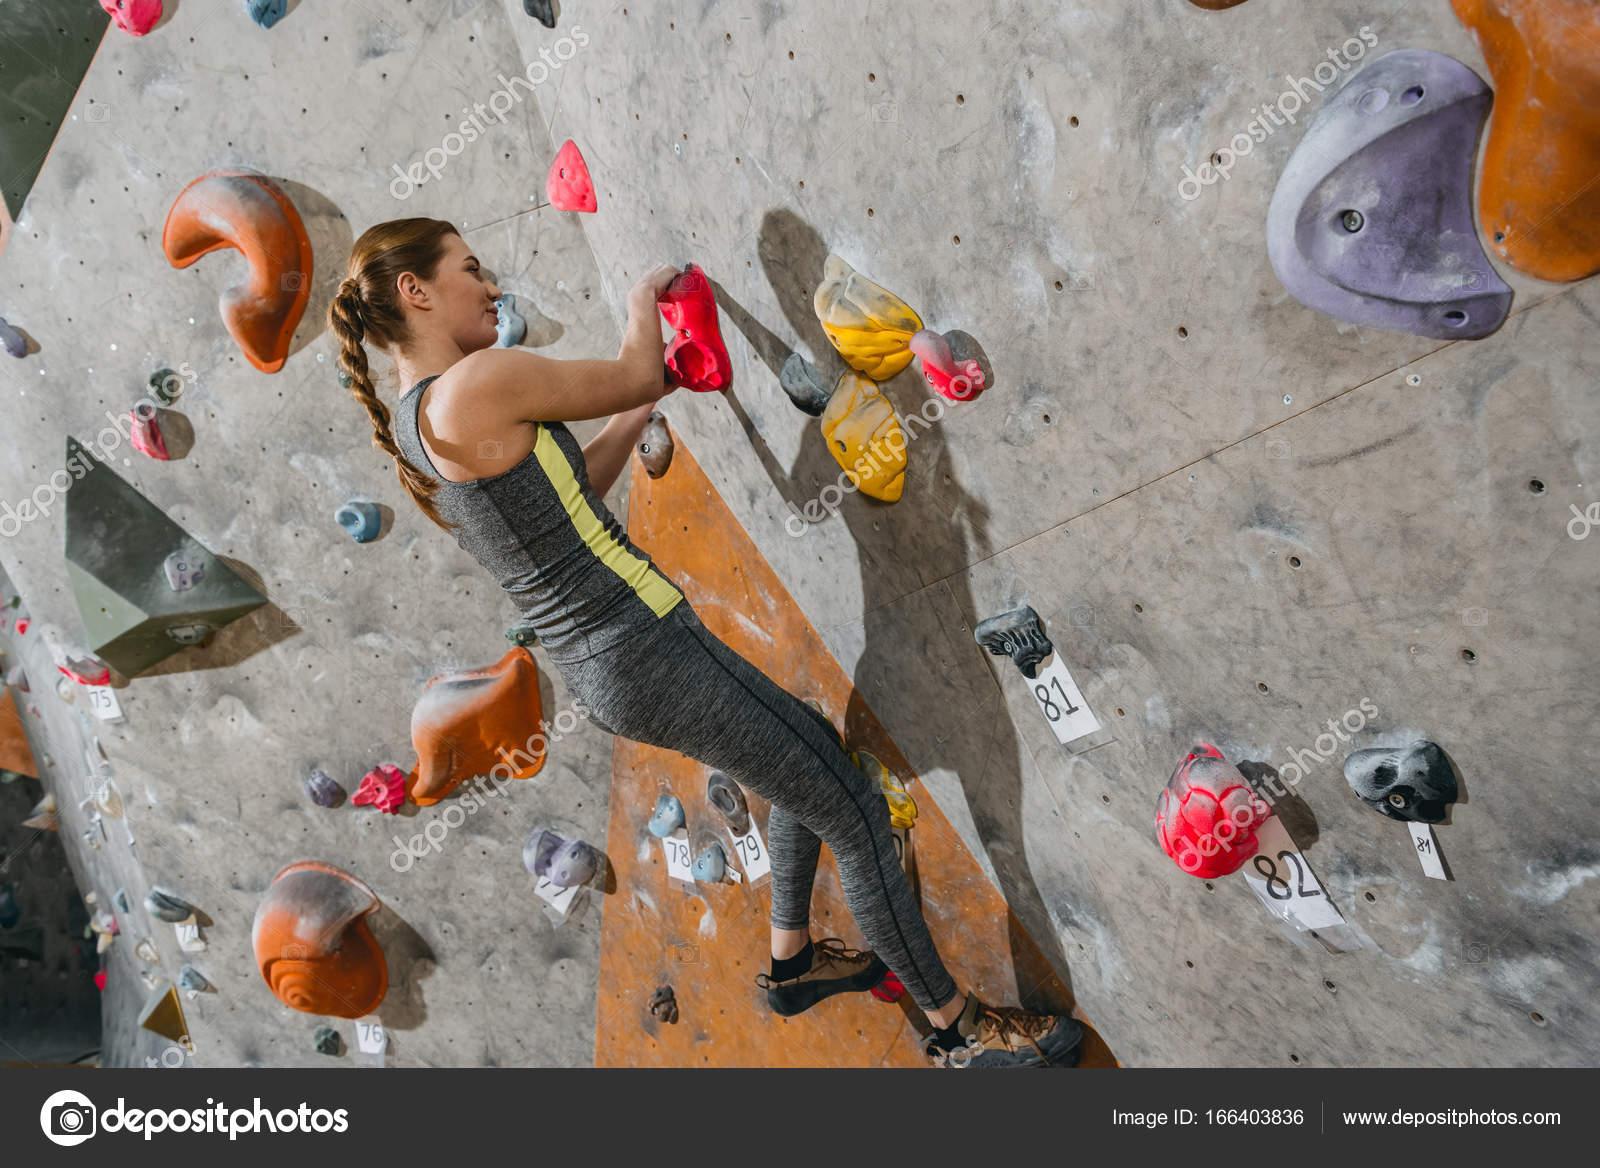 frau kletterwand mit griffen — stockfoto © arturverkhovetskiy #166403836